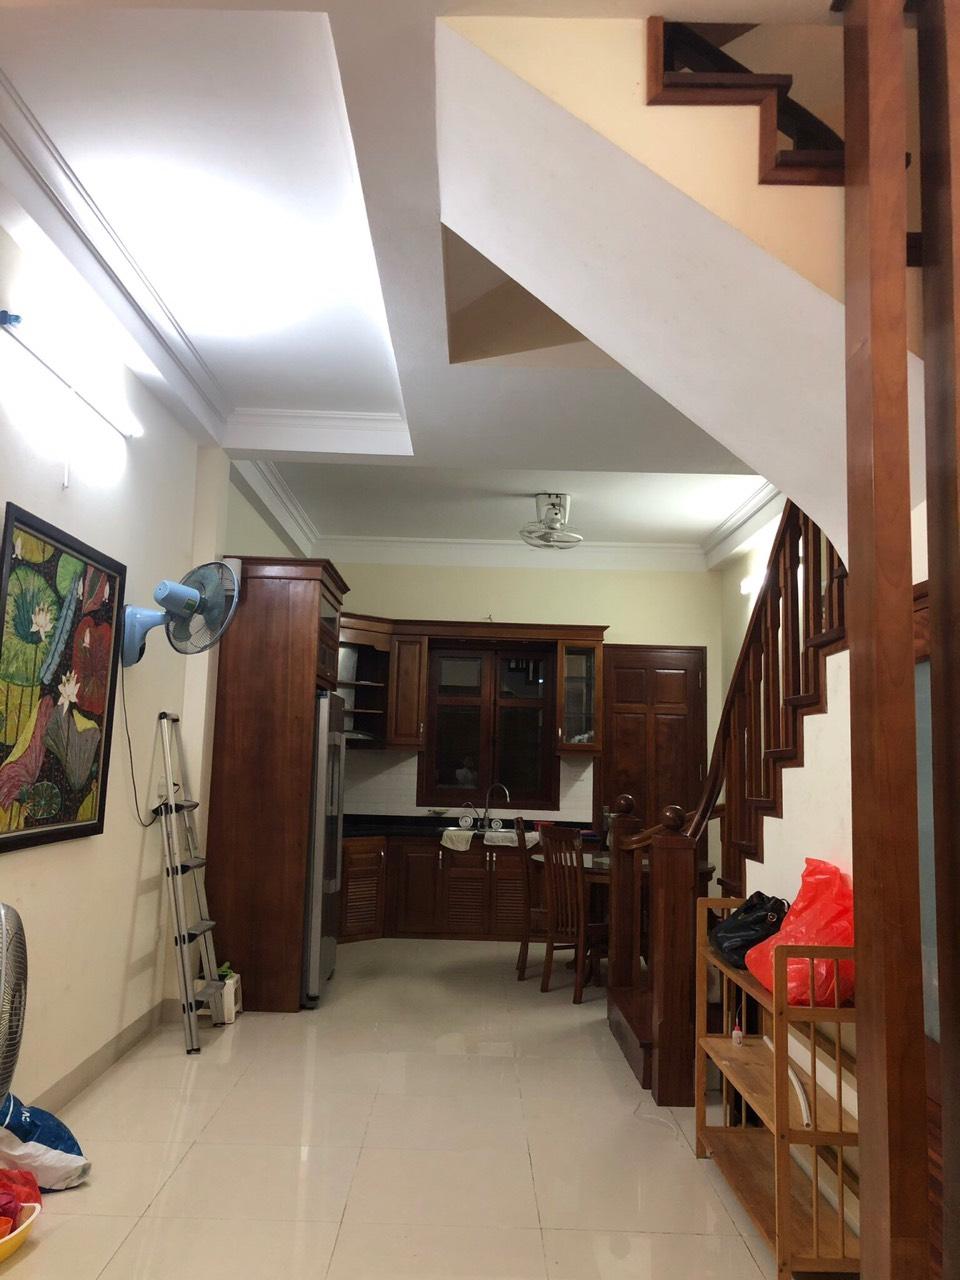 Bán nhà riêng đườngTư Đình, Quận Long Biên diện tích 45m2